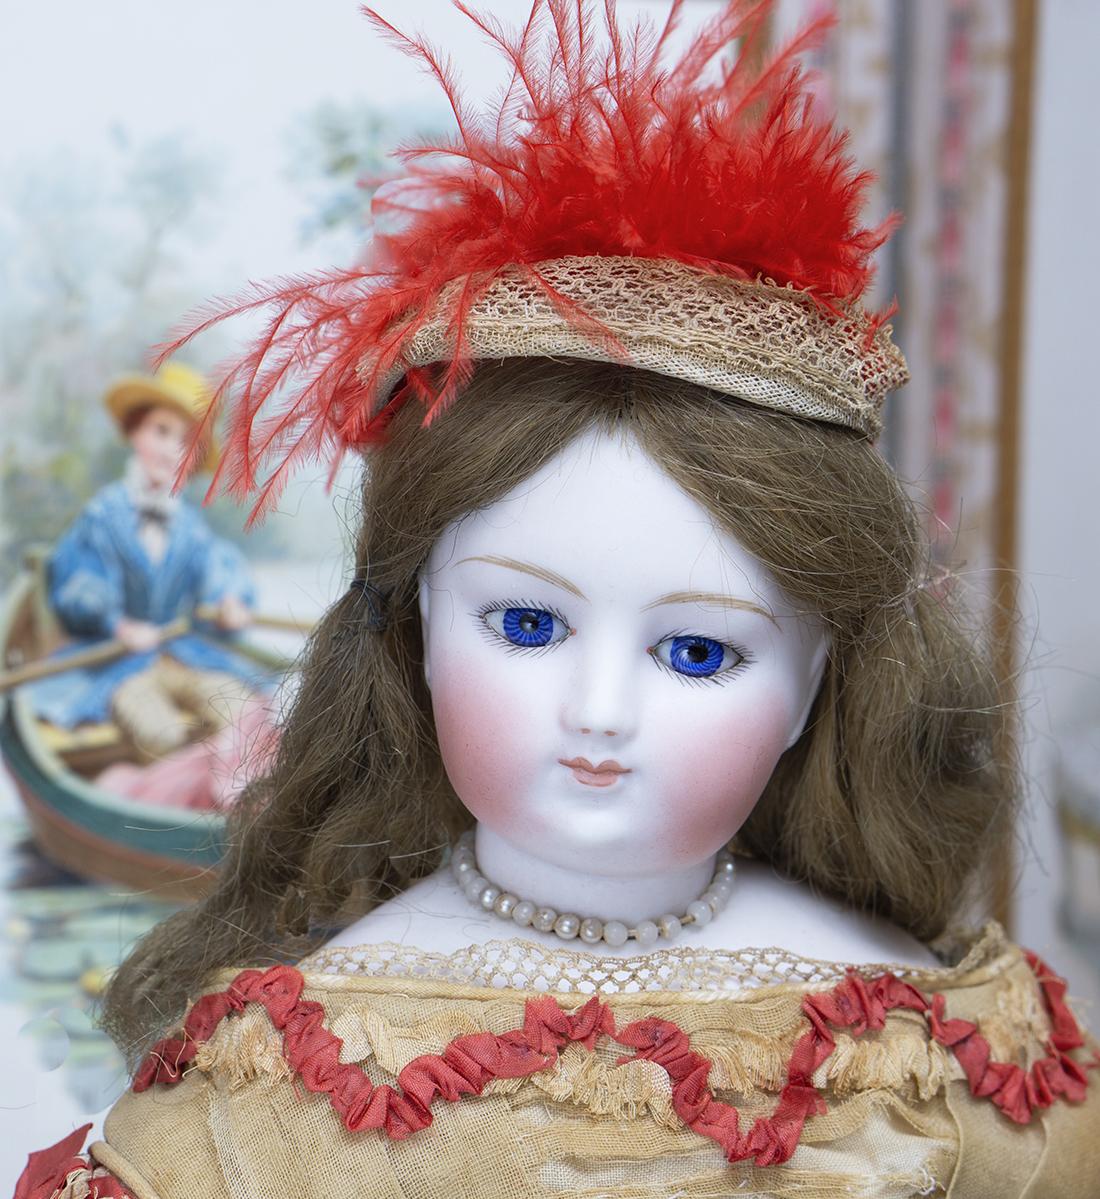 DIMIER fashion doll